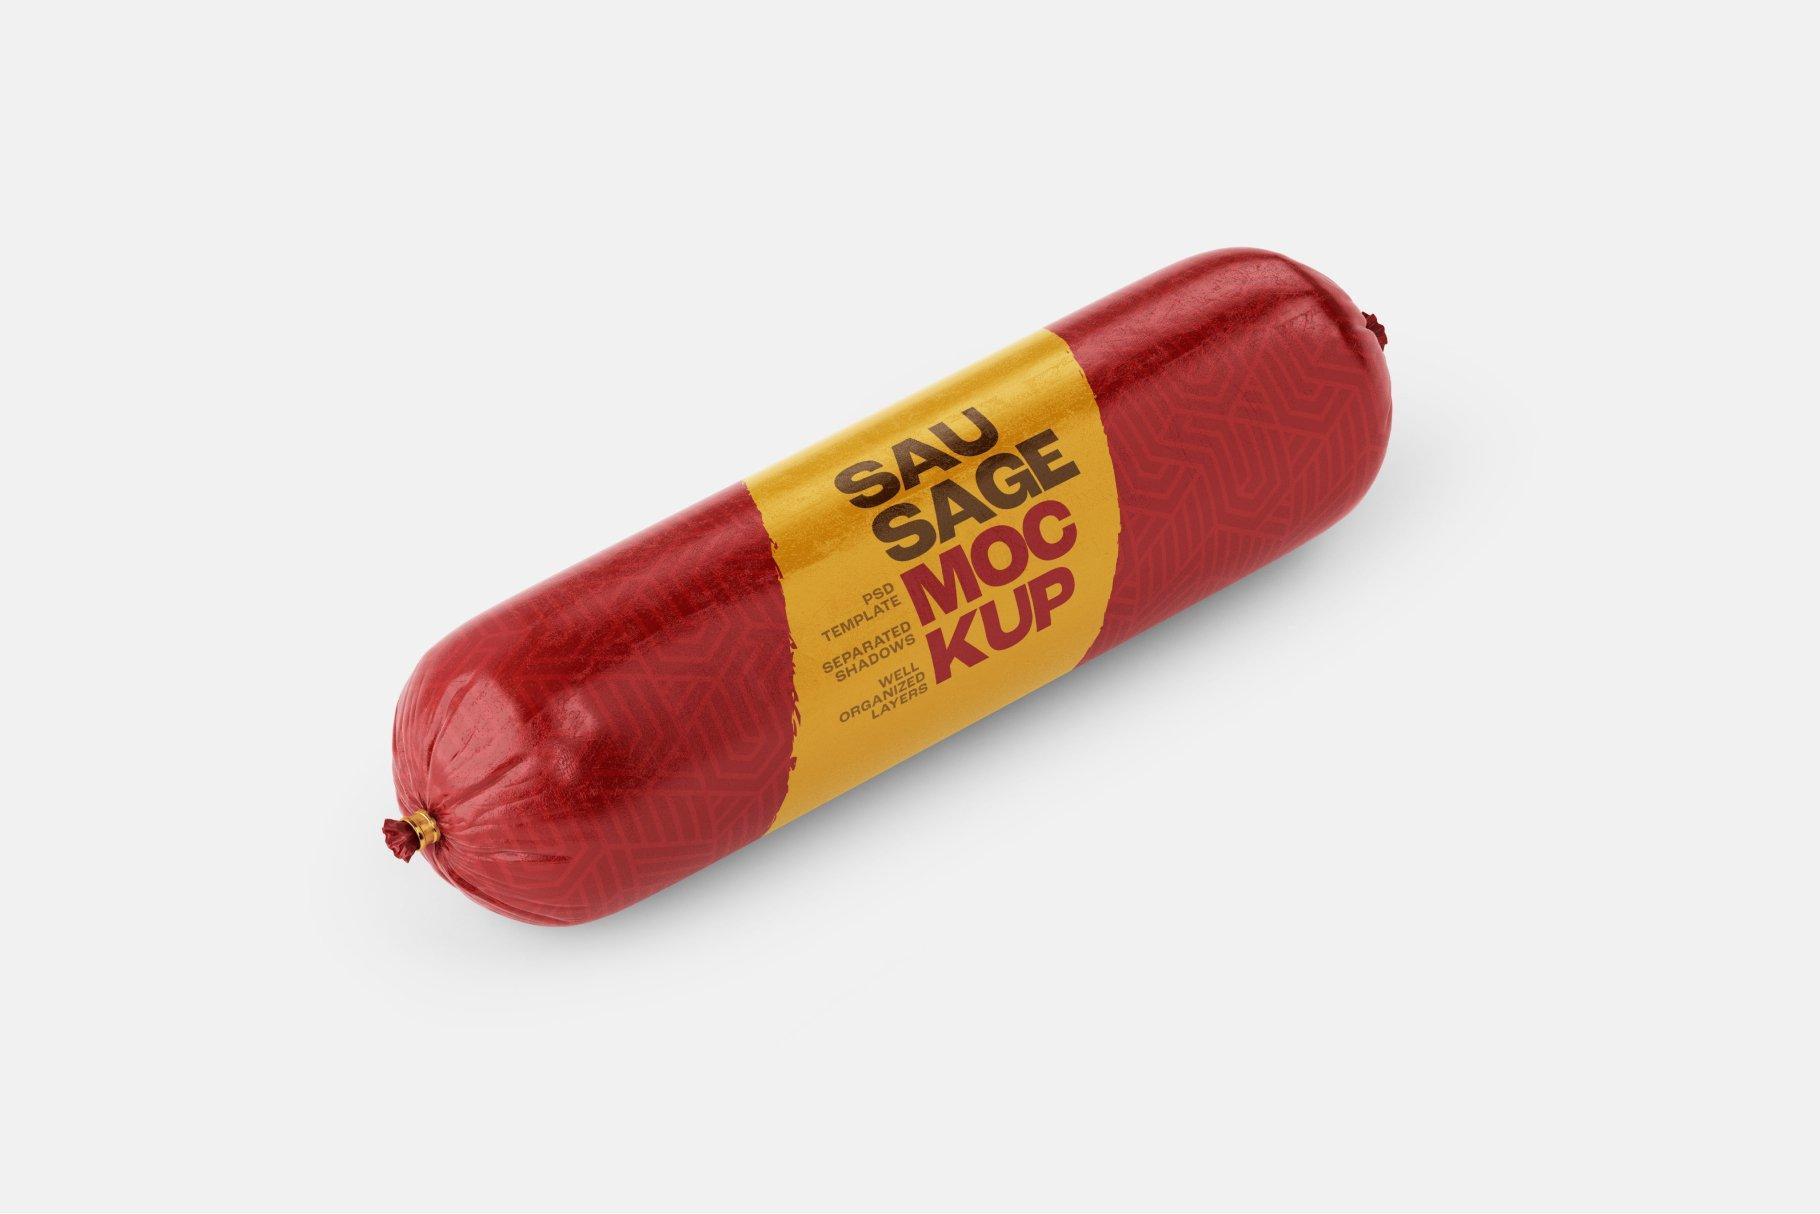 11款火腿肠香肠密封塑料袋设计展示贴图样机合集 Sausage Chub Mockup Set插图4